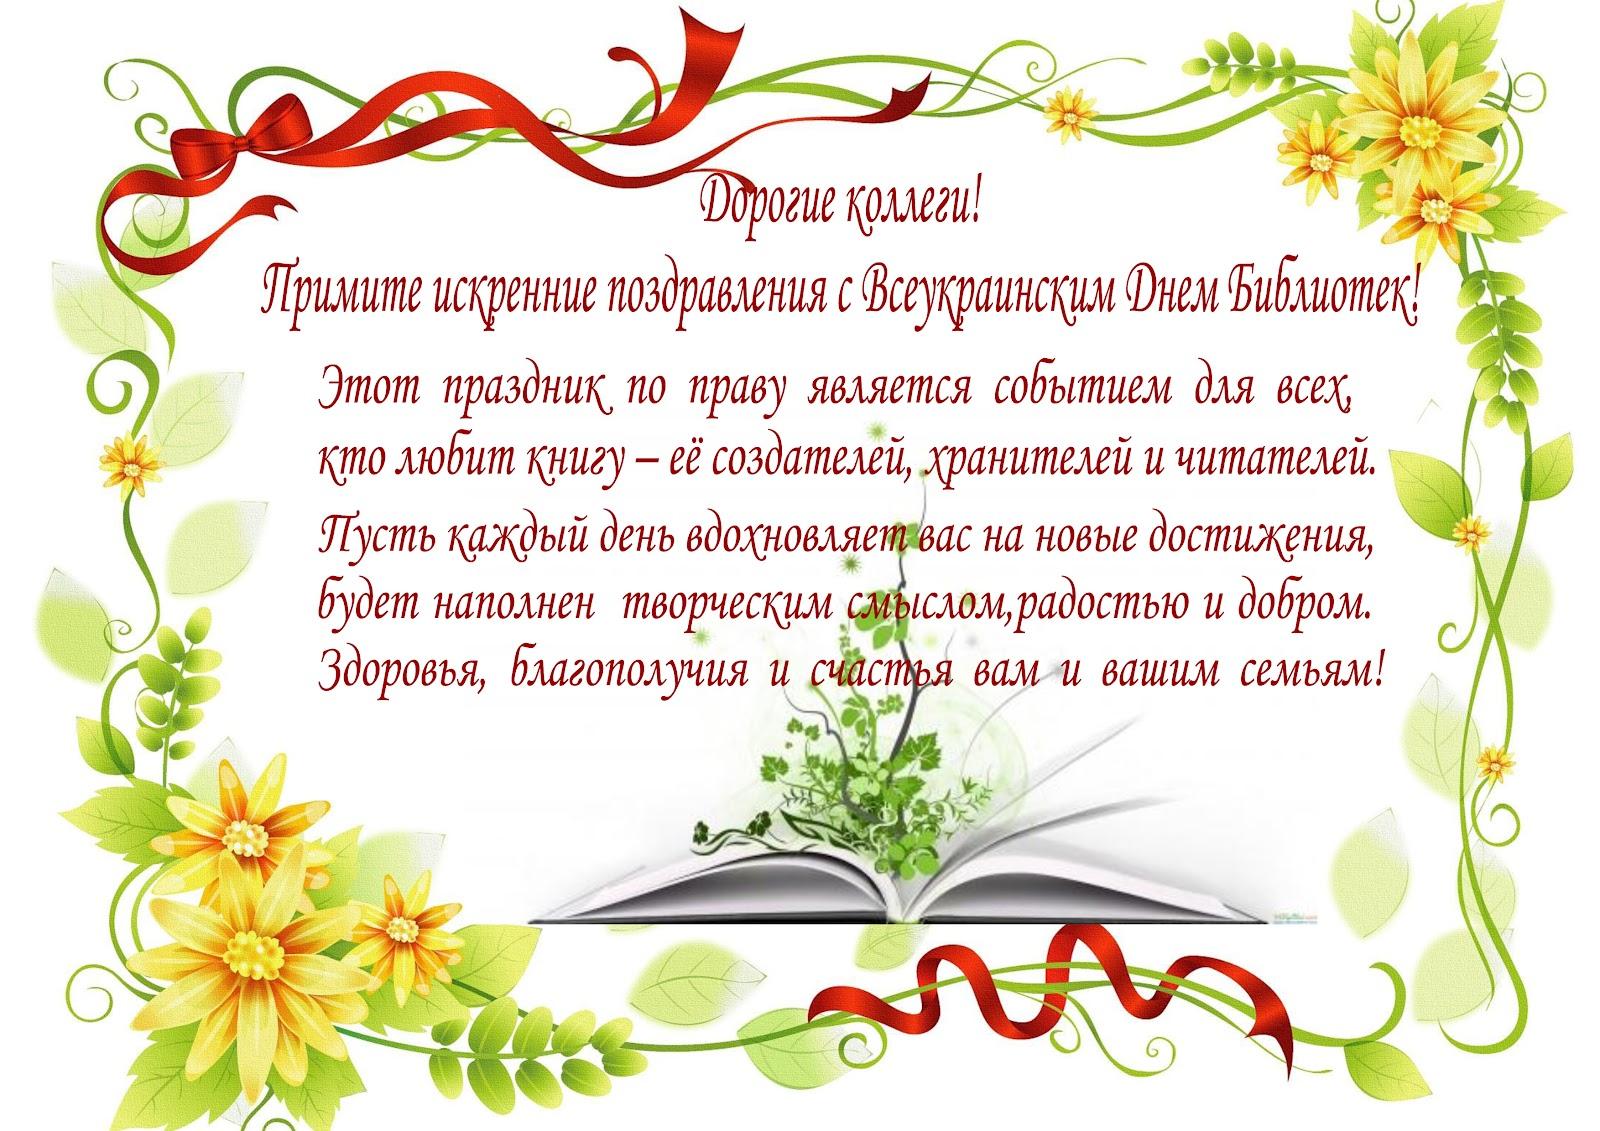 Поздравление глав с днем библиотекаря